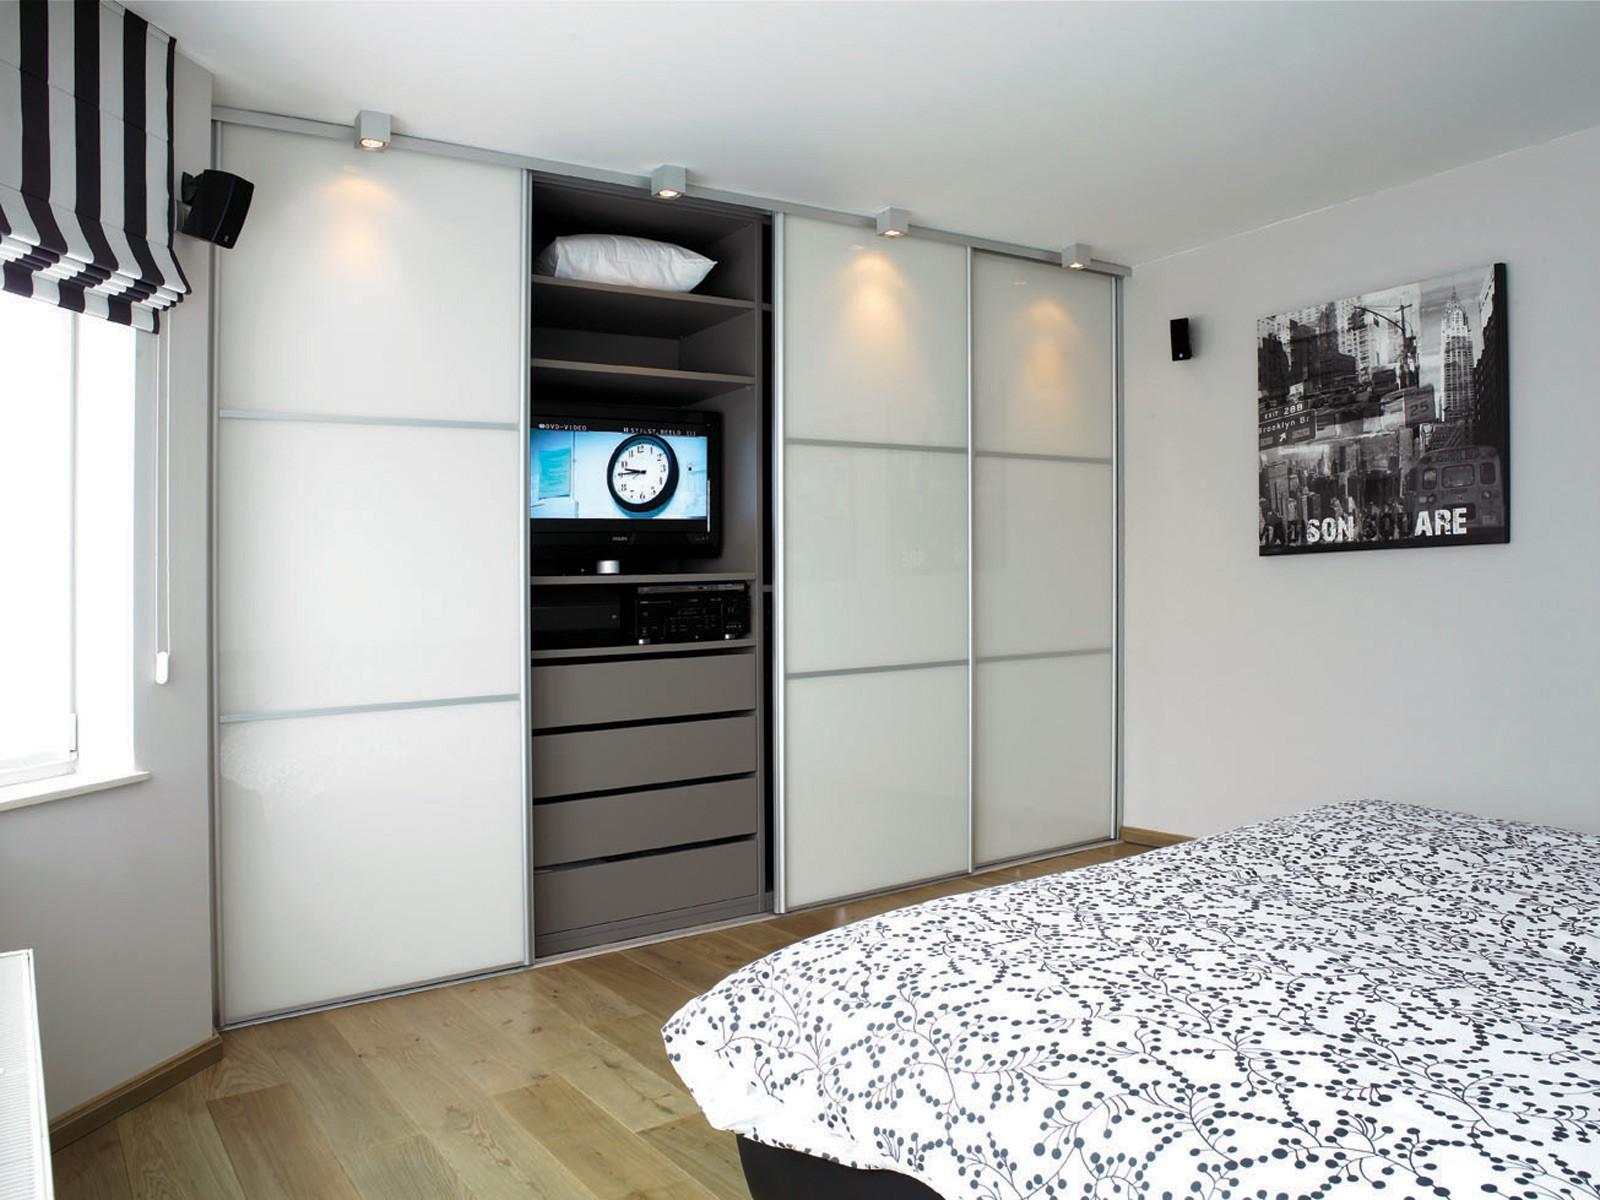 maatkast in slaapkamer wit